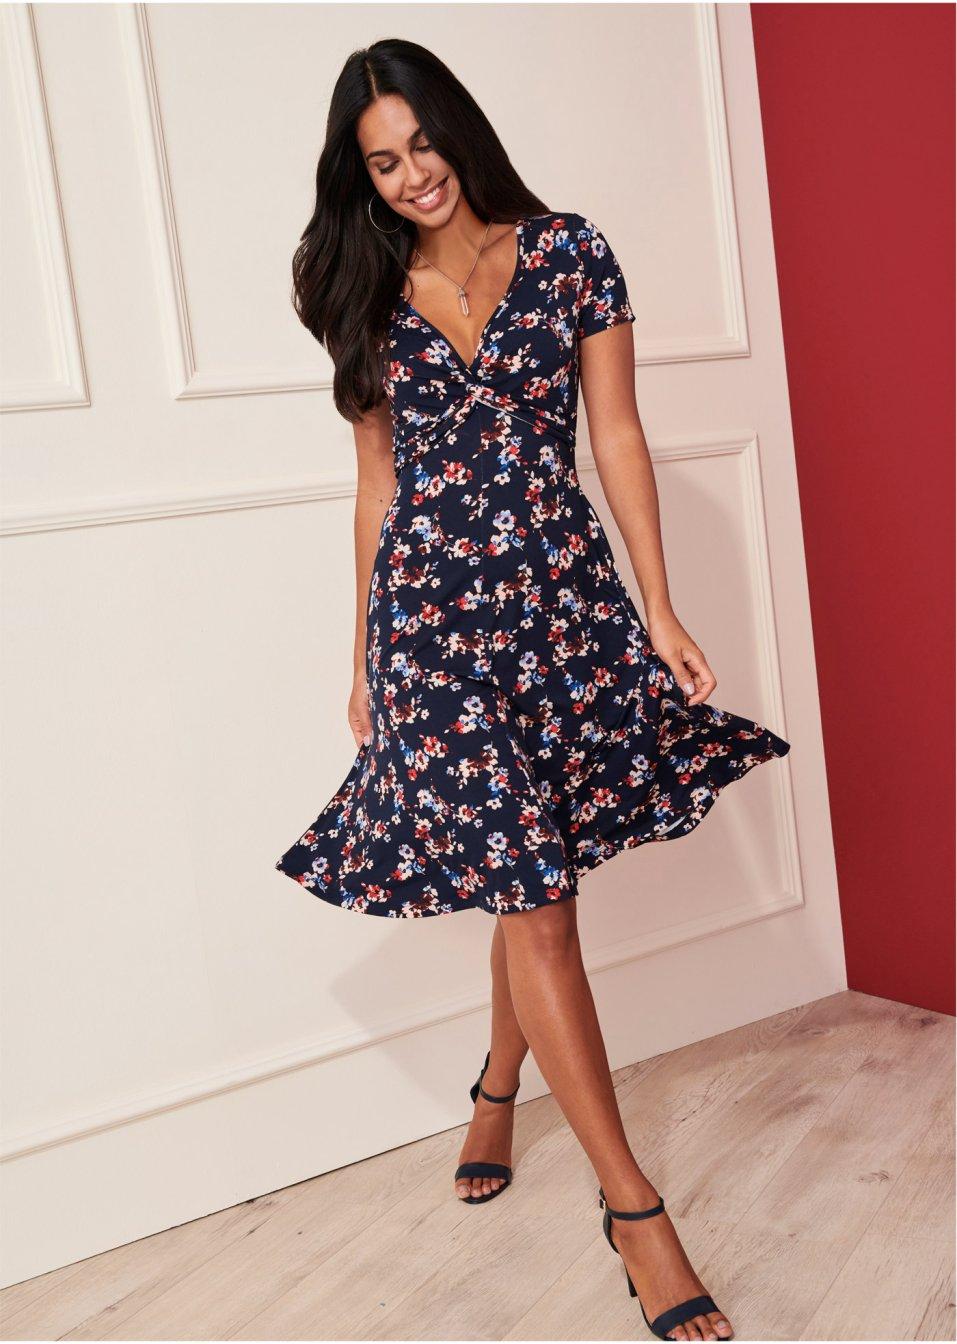 Kleider für Damen in tollen Designs  bonprix